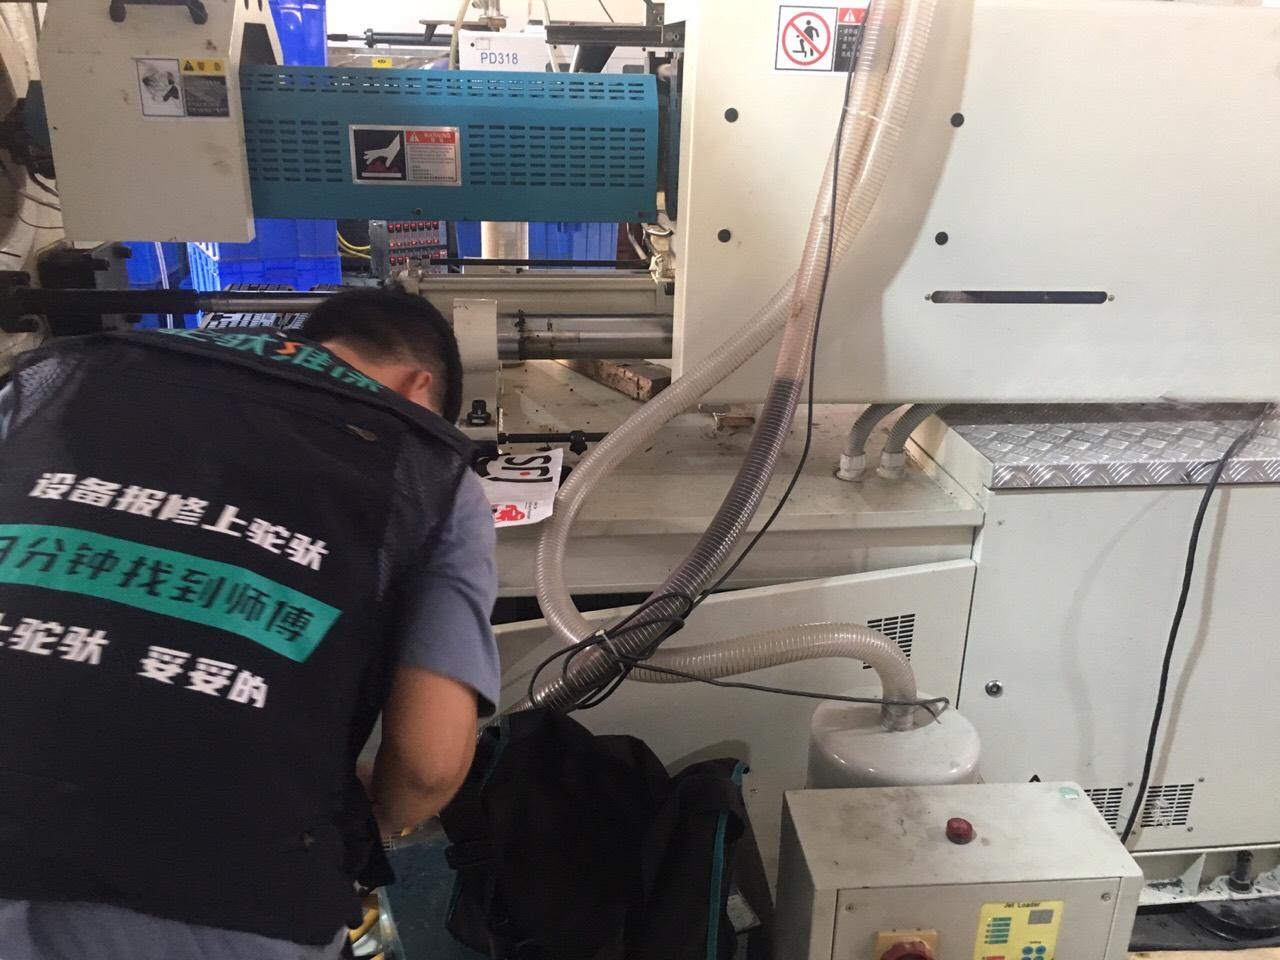 注塑机液压系统出现故障的征兆及诊断步骤